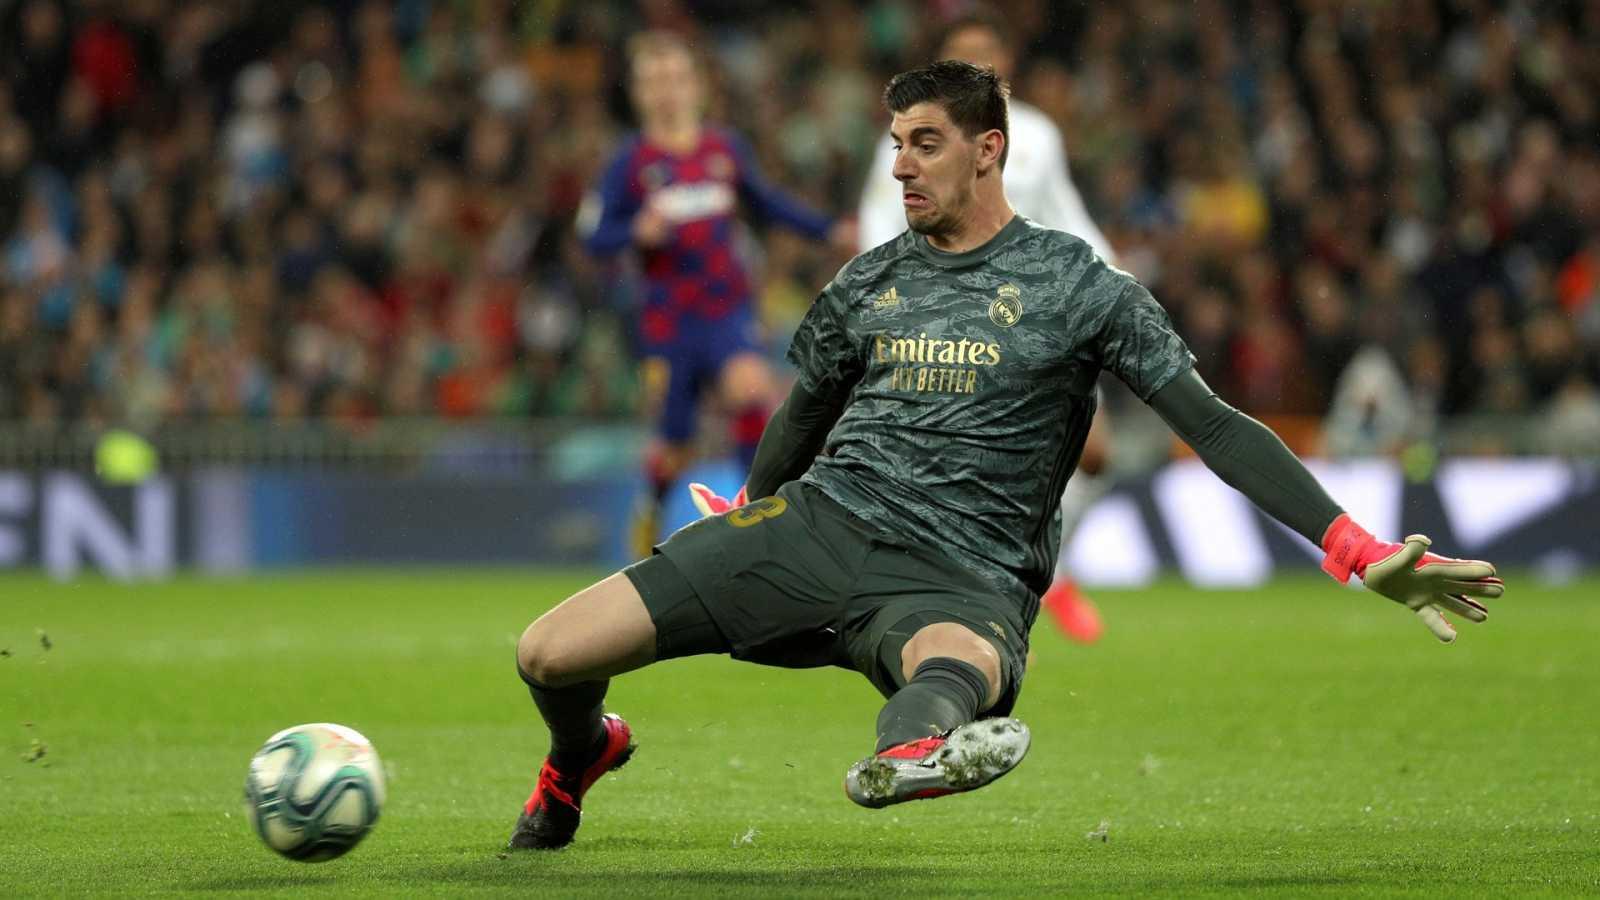 Courtois despeja un balón durante un partido con el Madrid